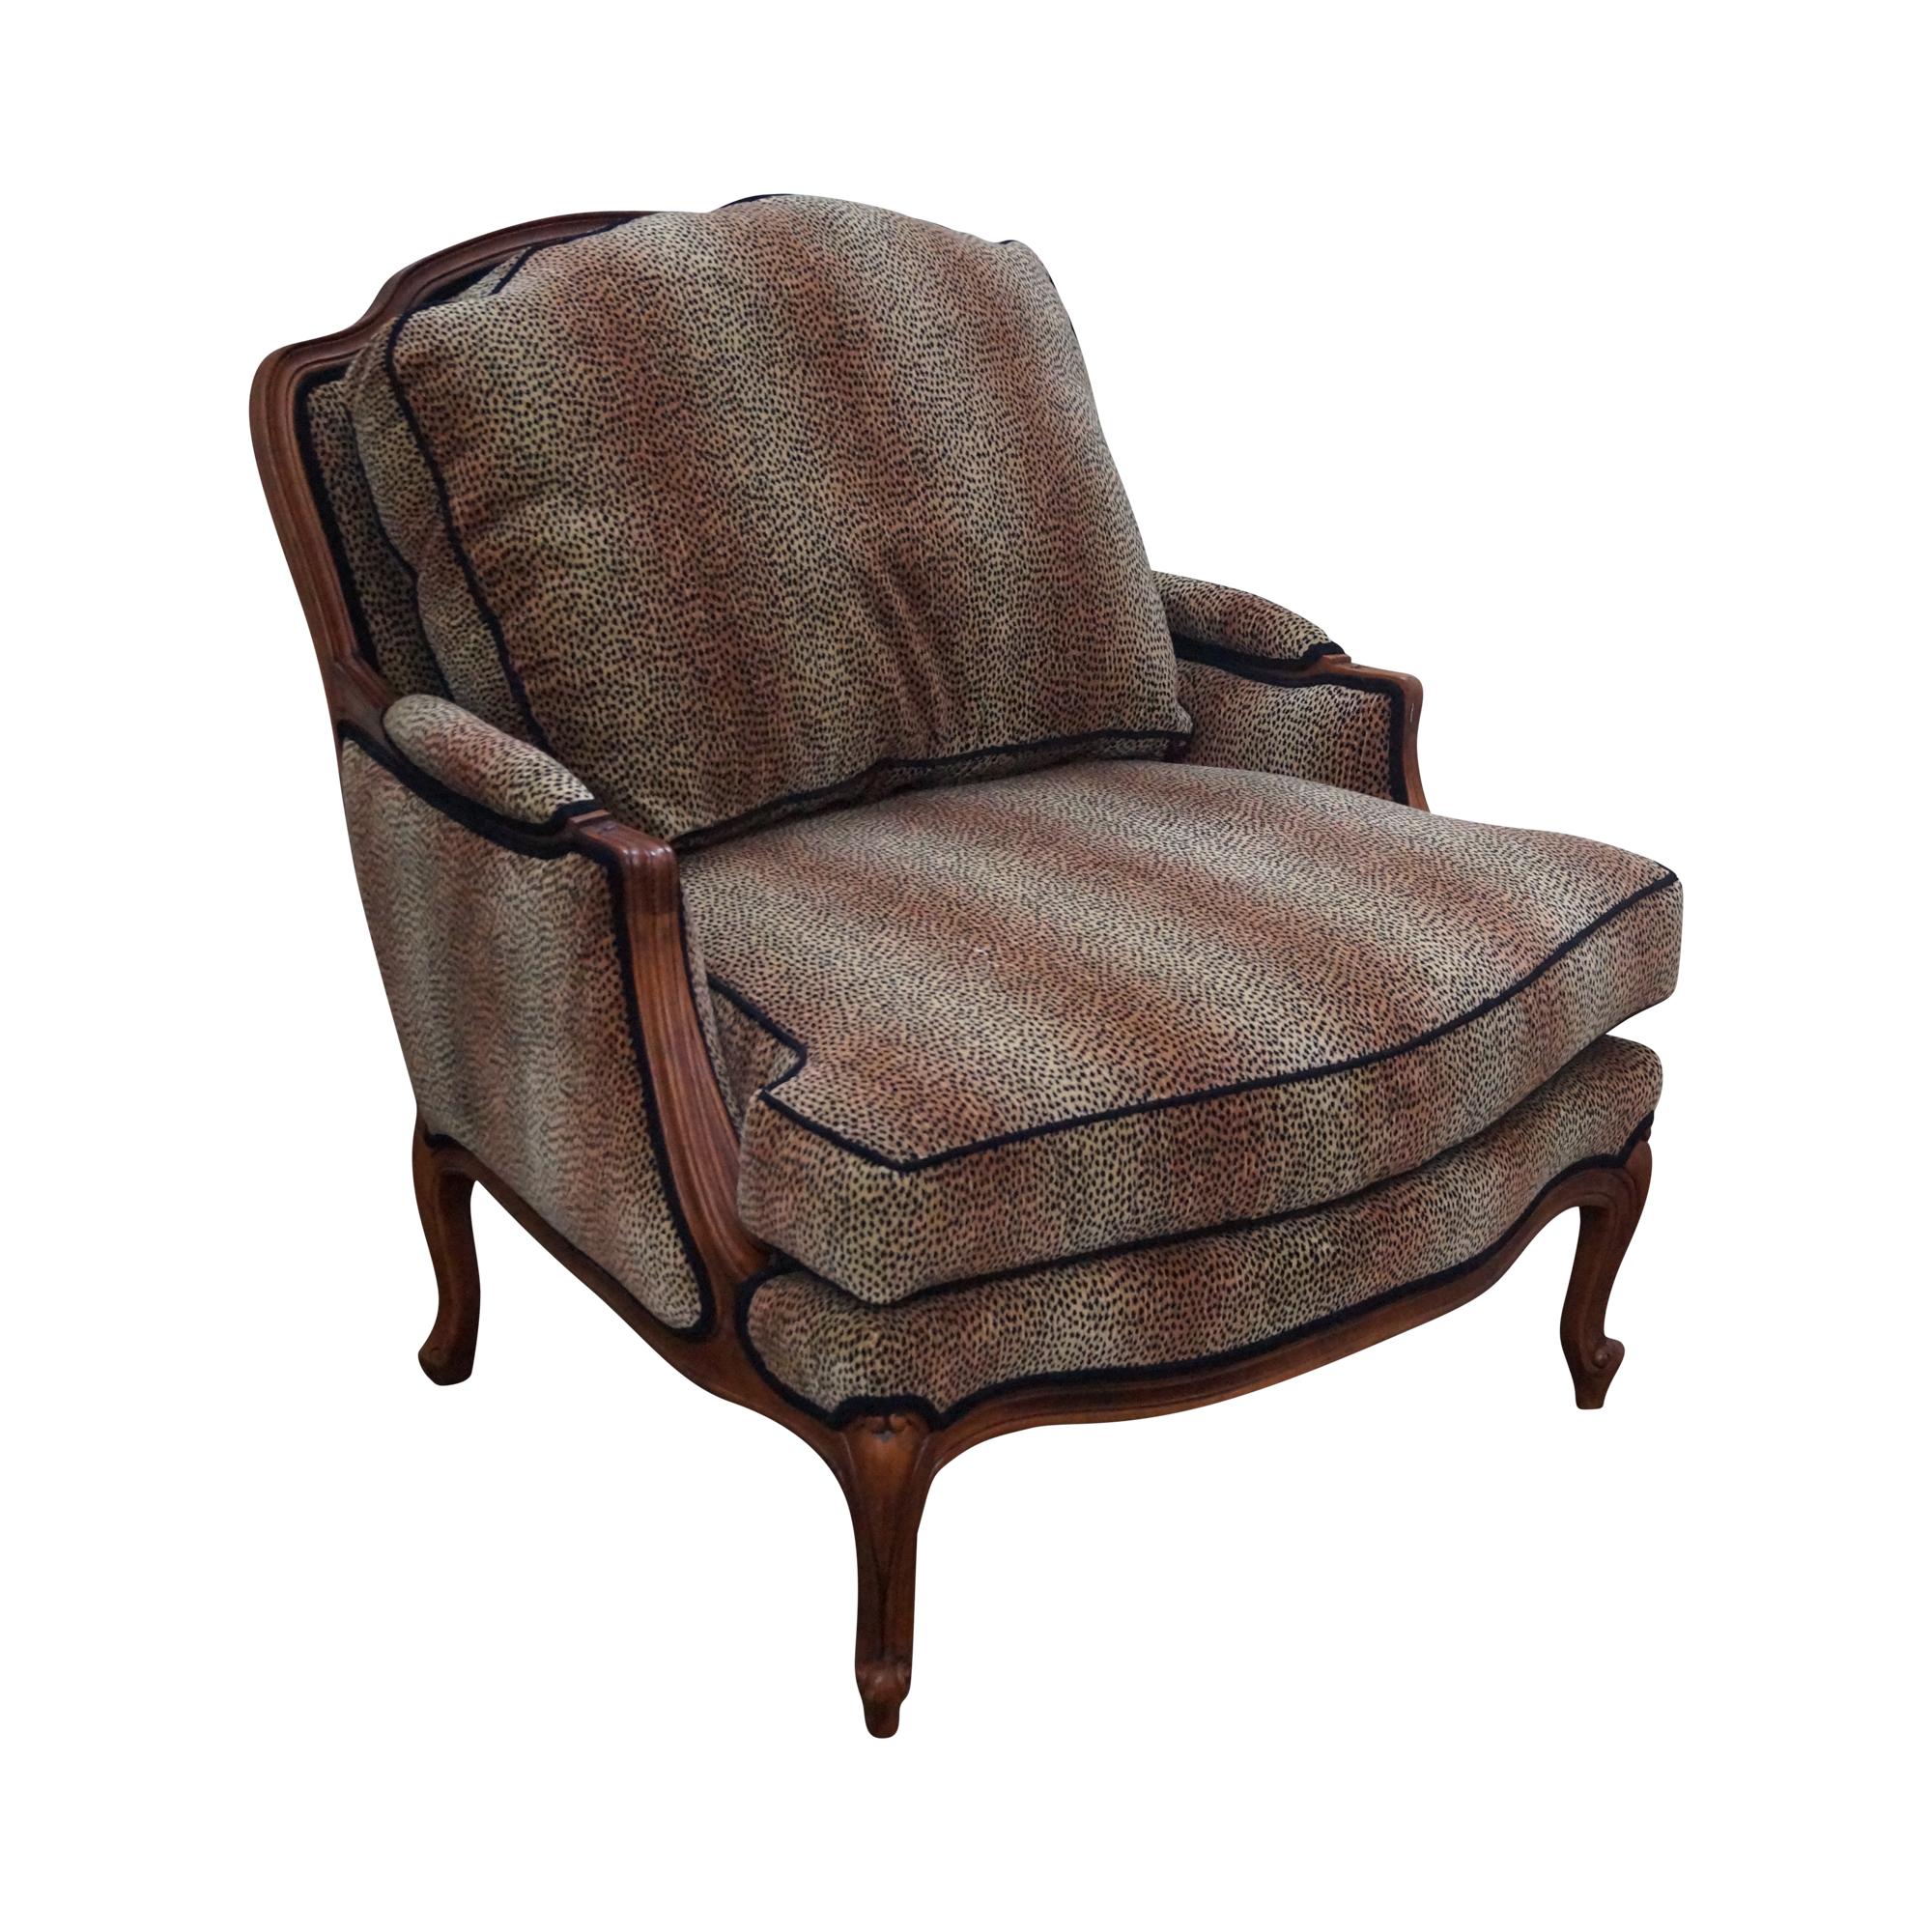 Ethan Allen French Louis XV Cheetah Print Chair